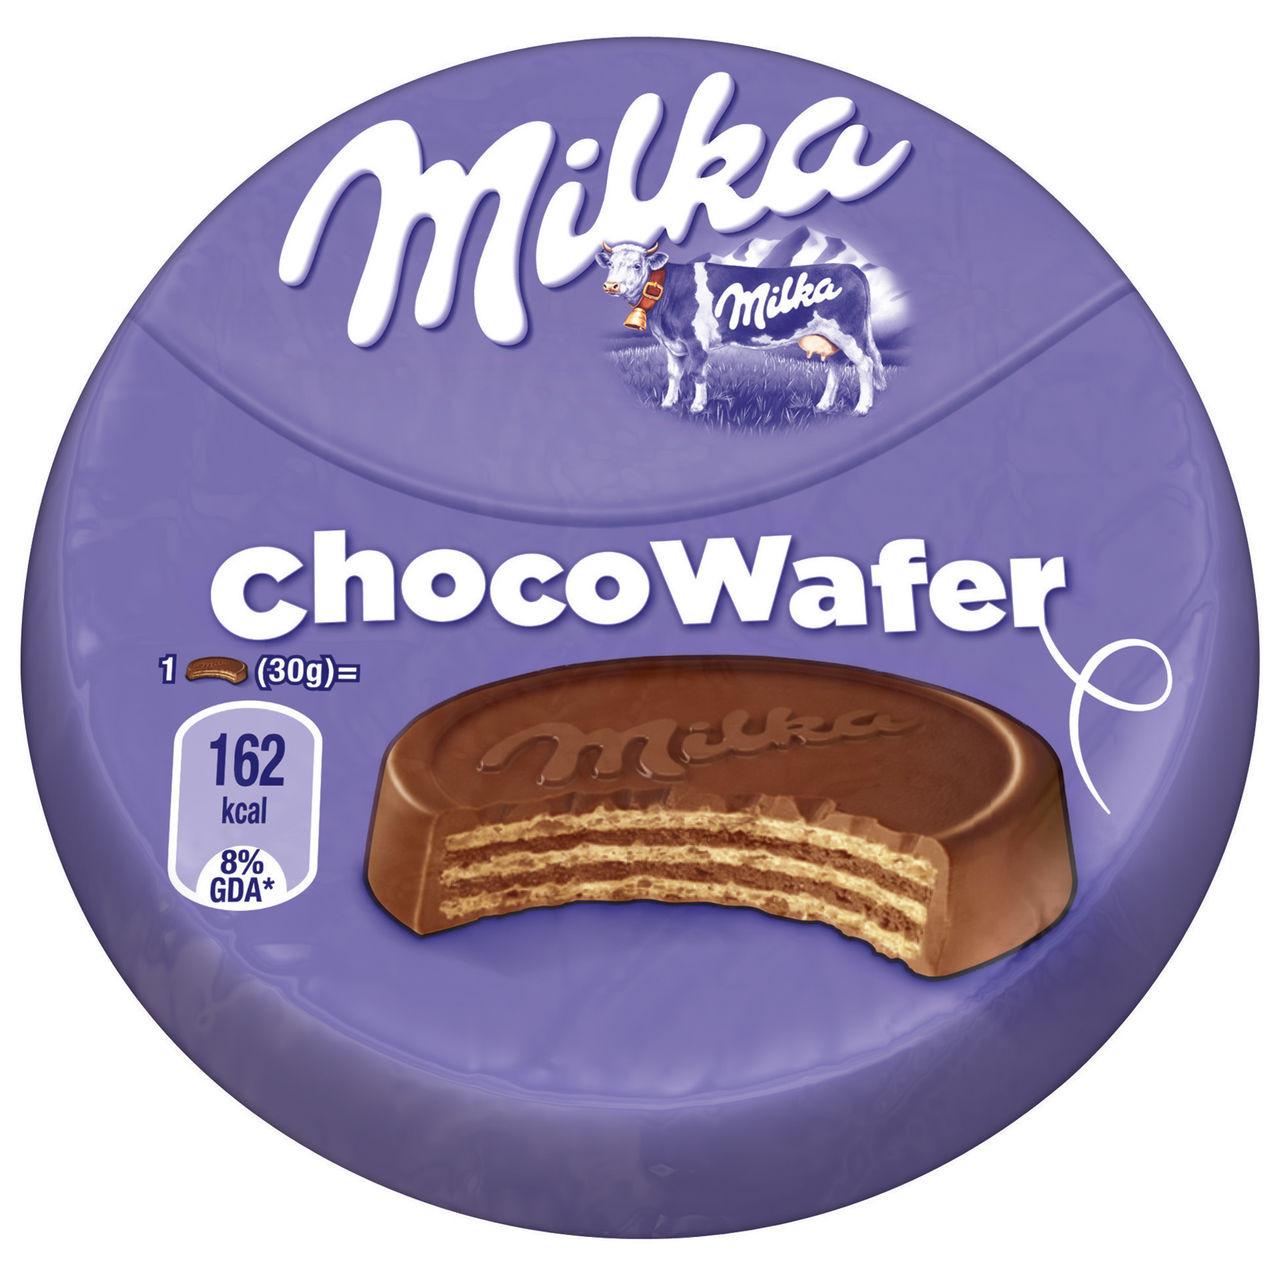 Вафли с шоколадом Milka Choco Waffer mini, 30 гр - Продукты из Италии - интернет магазин «Market IT» в Львове